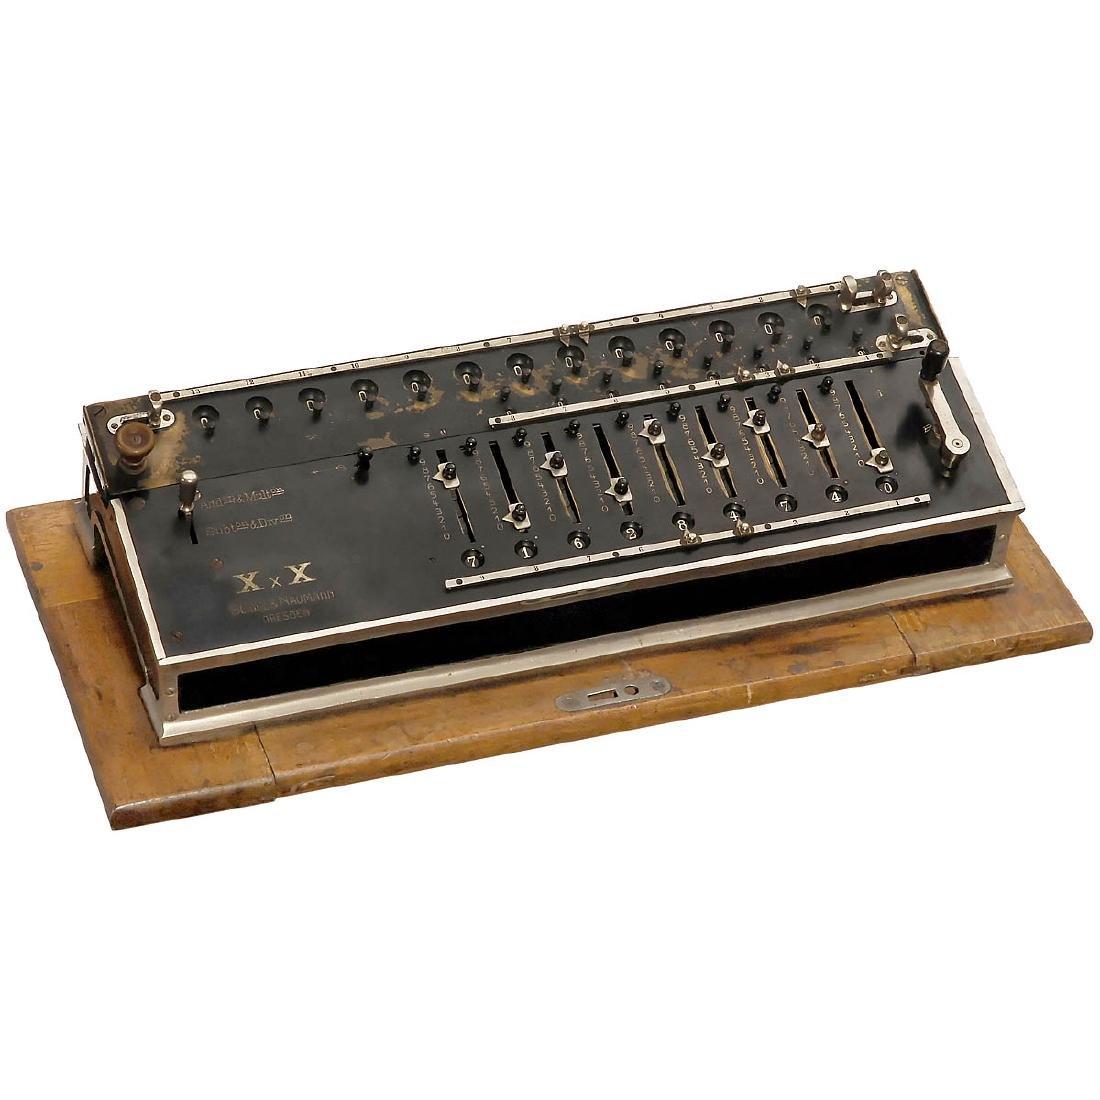 XxX (X multiplied by X) Calculating Machine, 1906